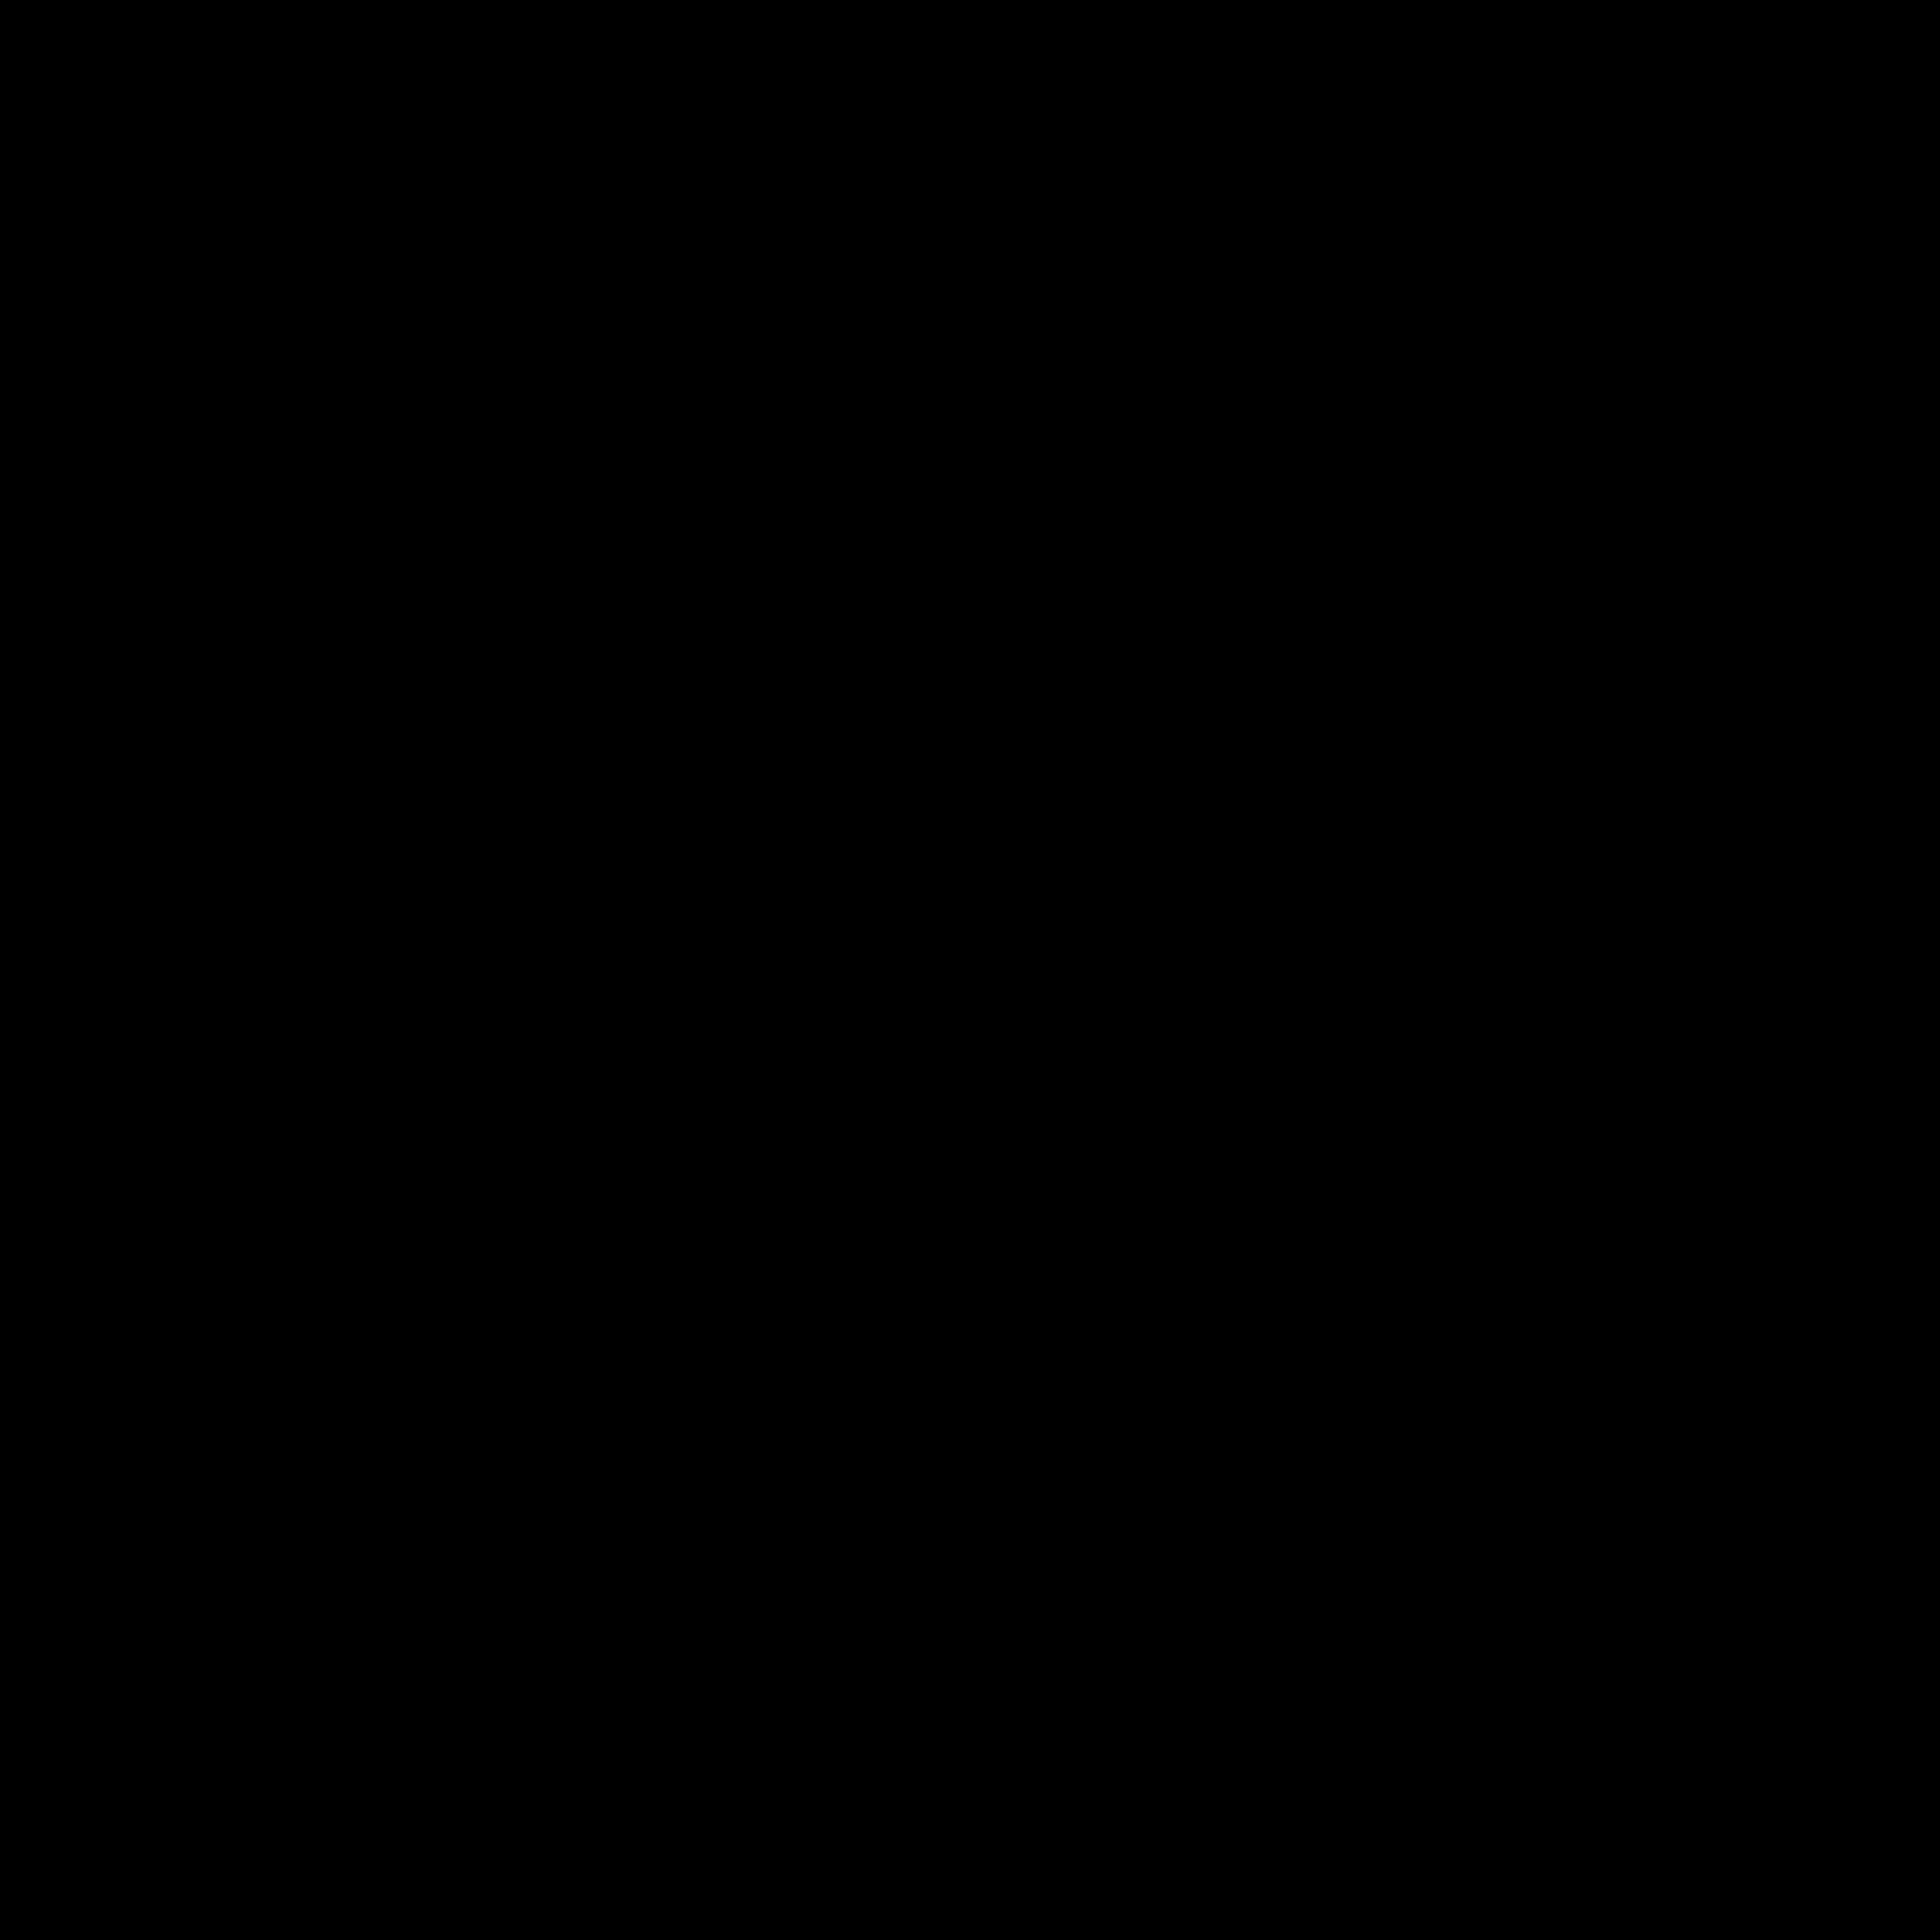 laurel clipart frame